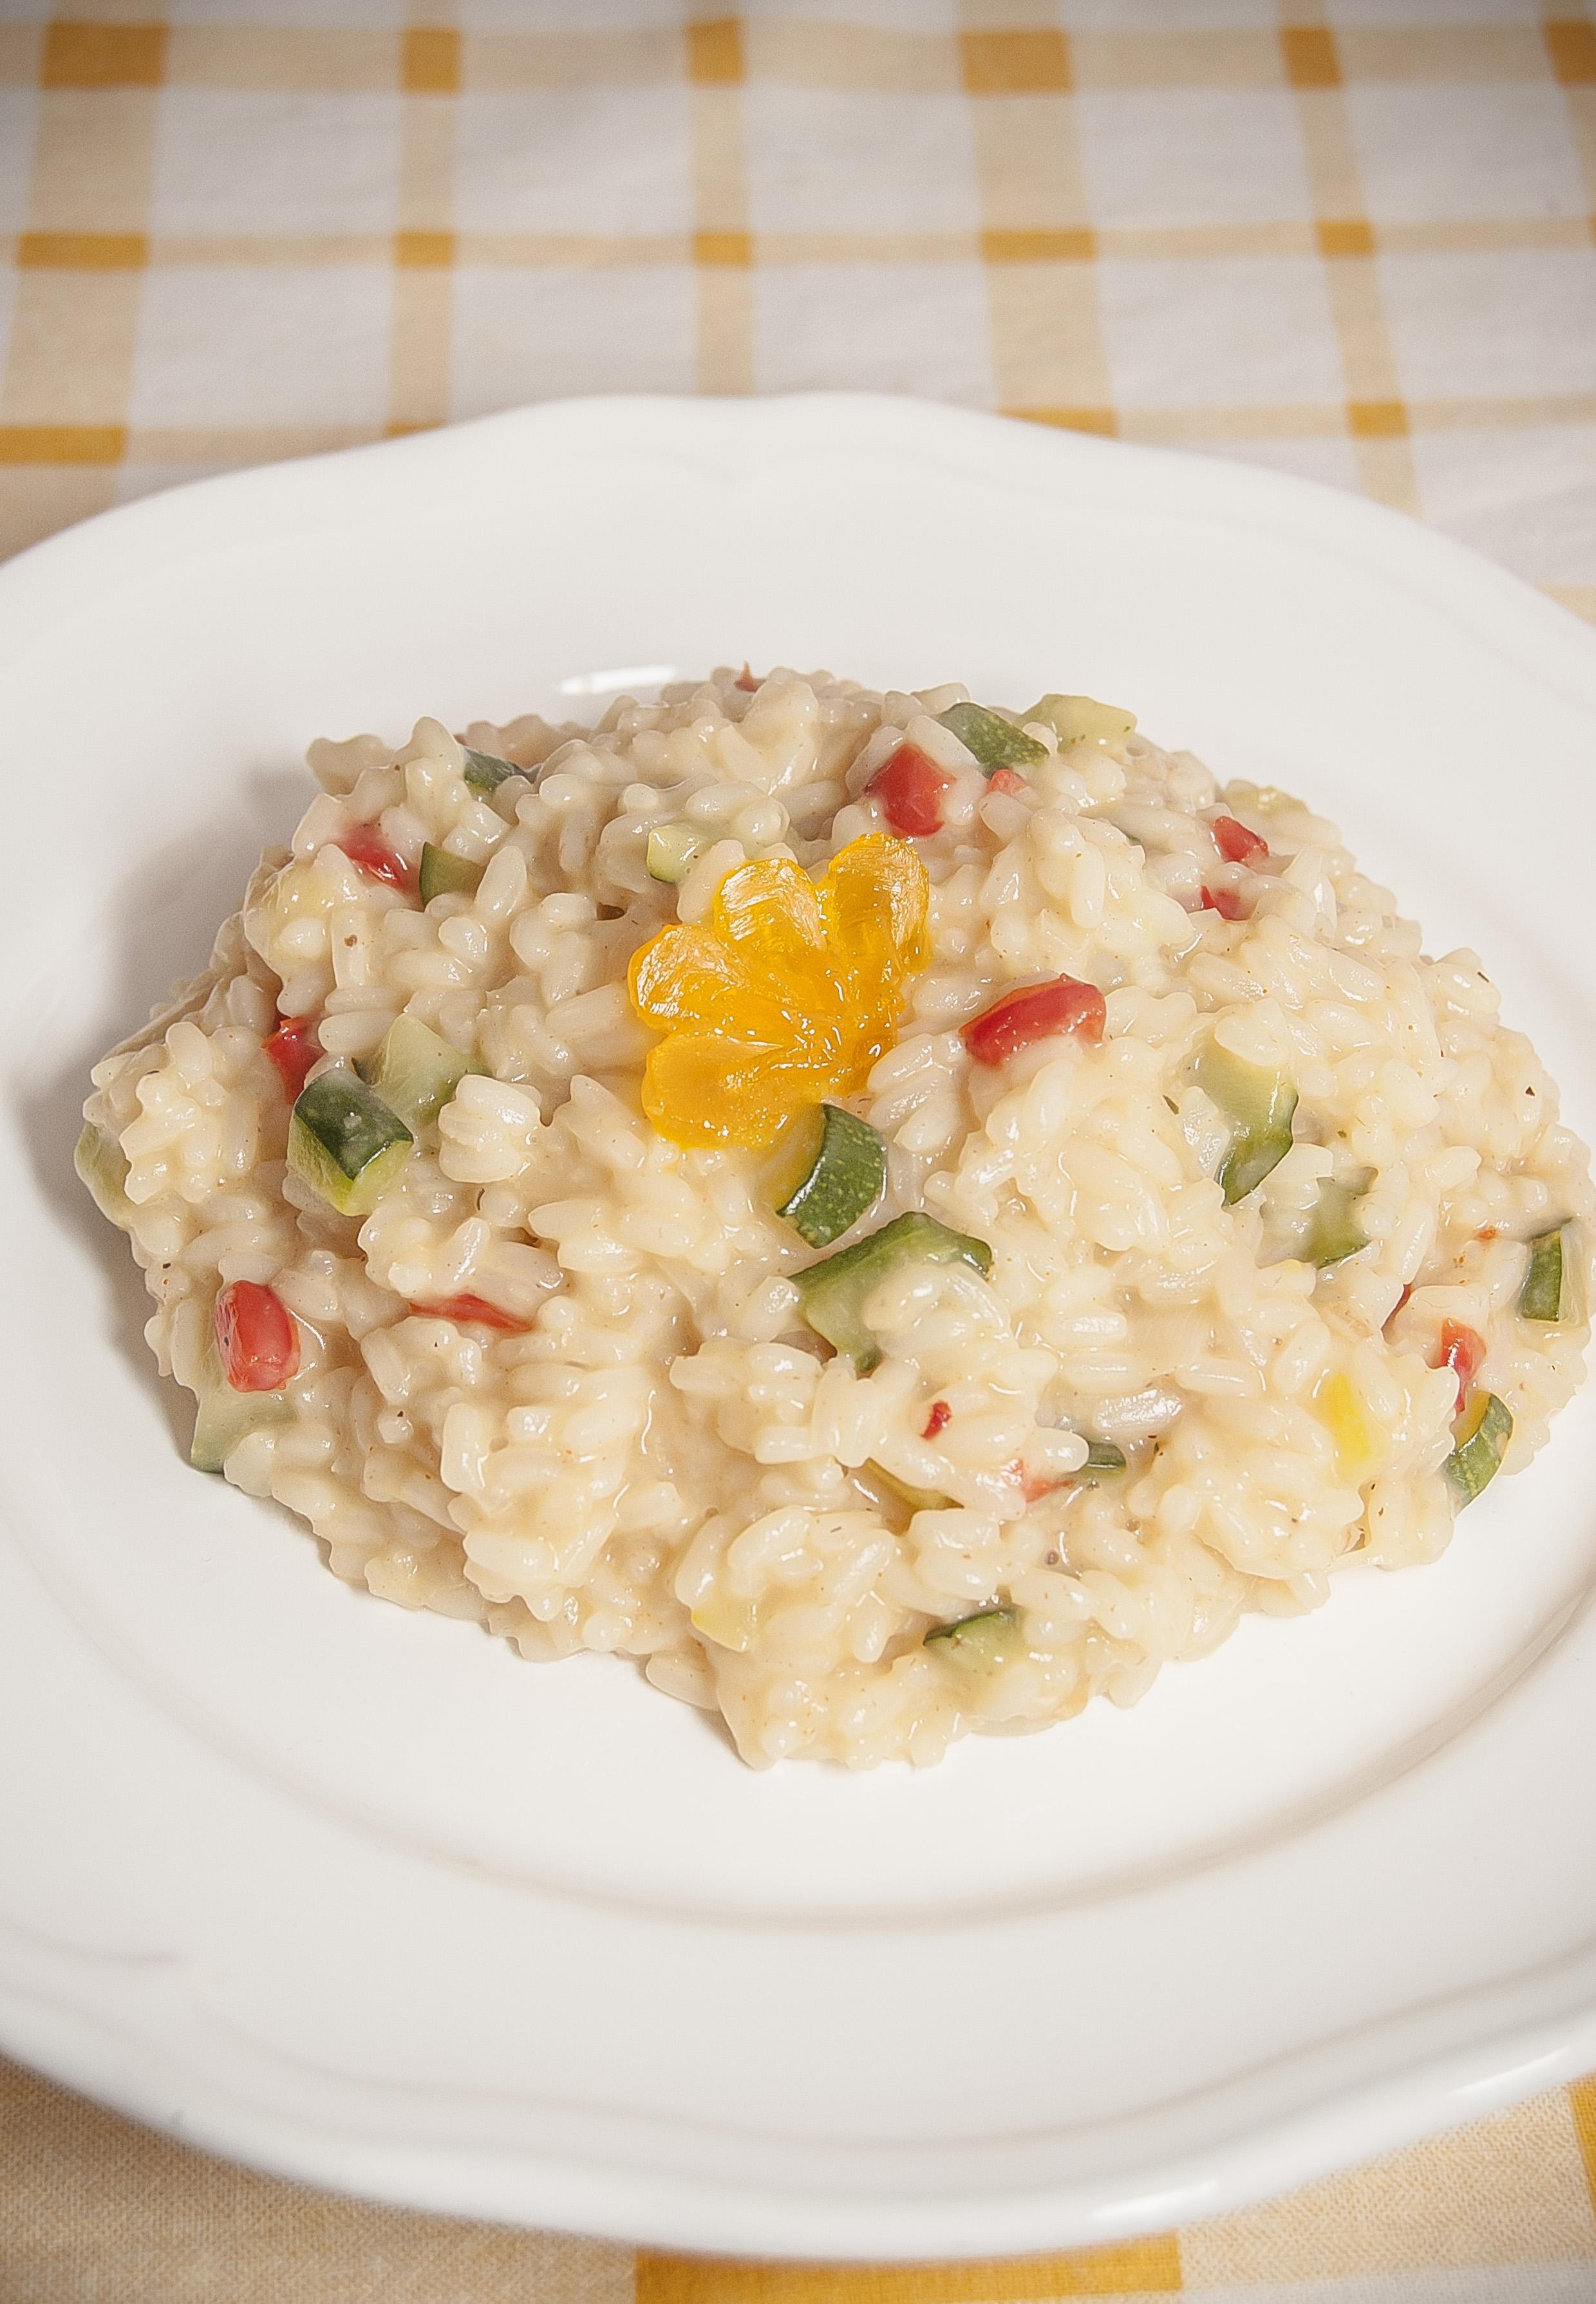 Risottino peperoni e zucchine con uovo disidratato